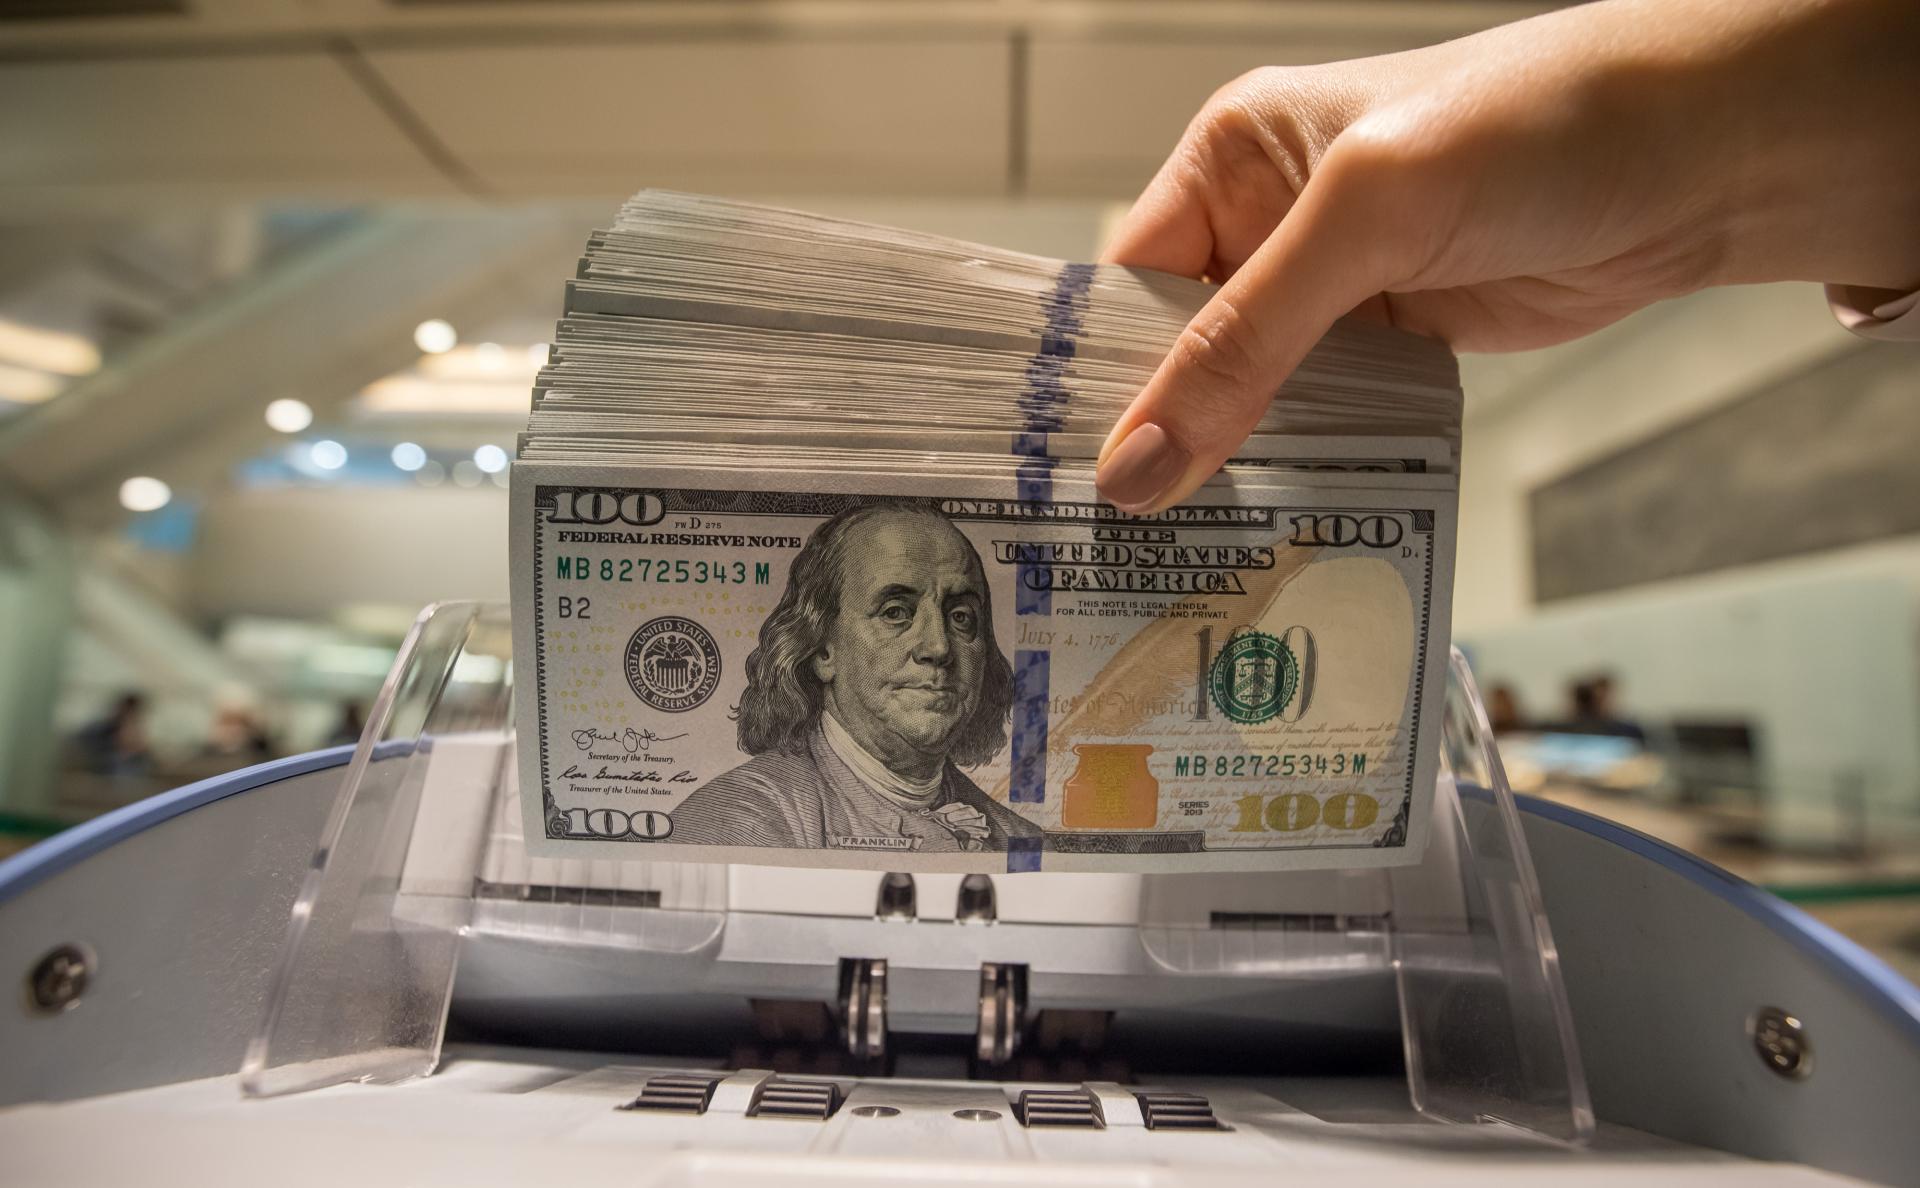 деньги под залог уфа смарт